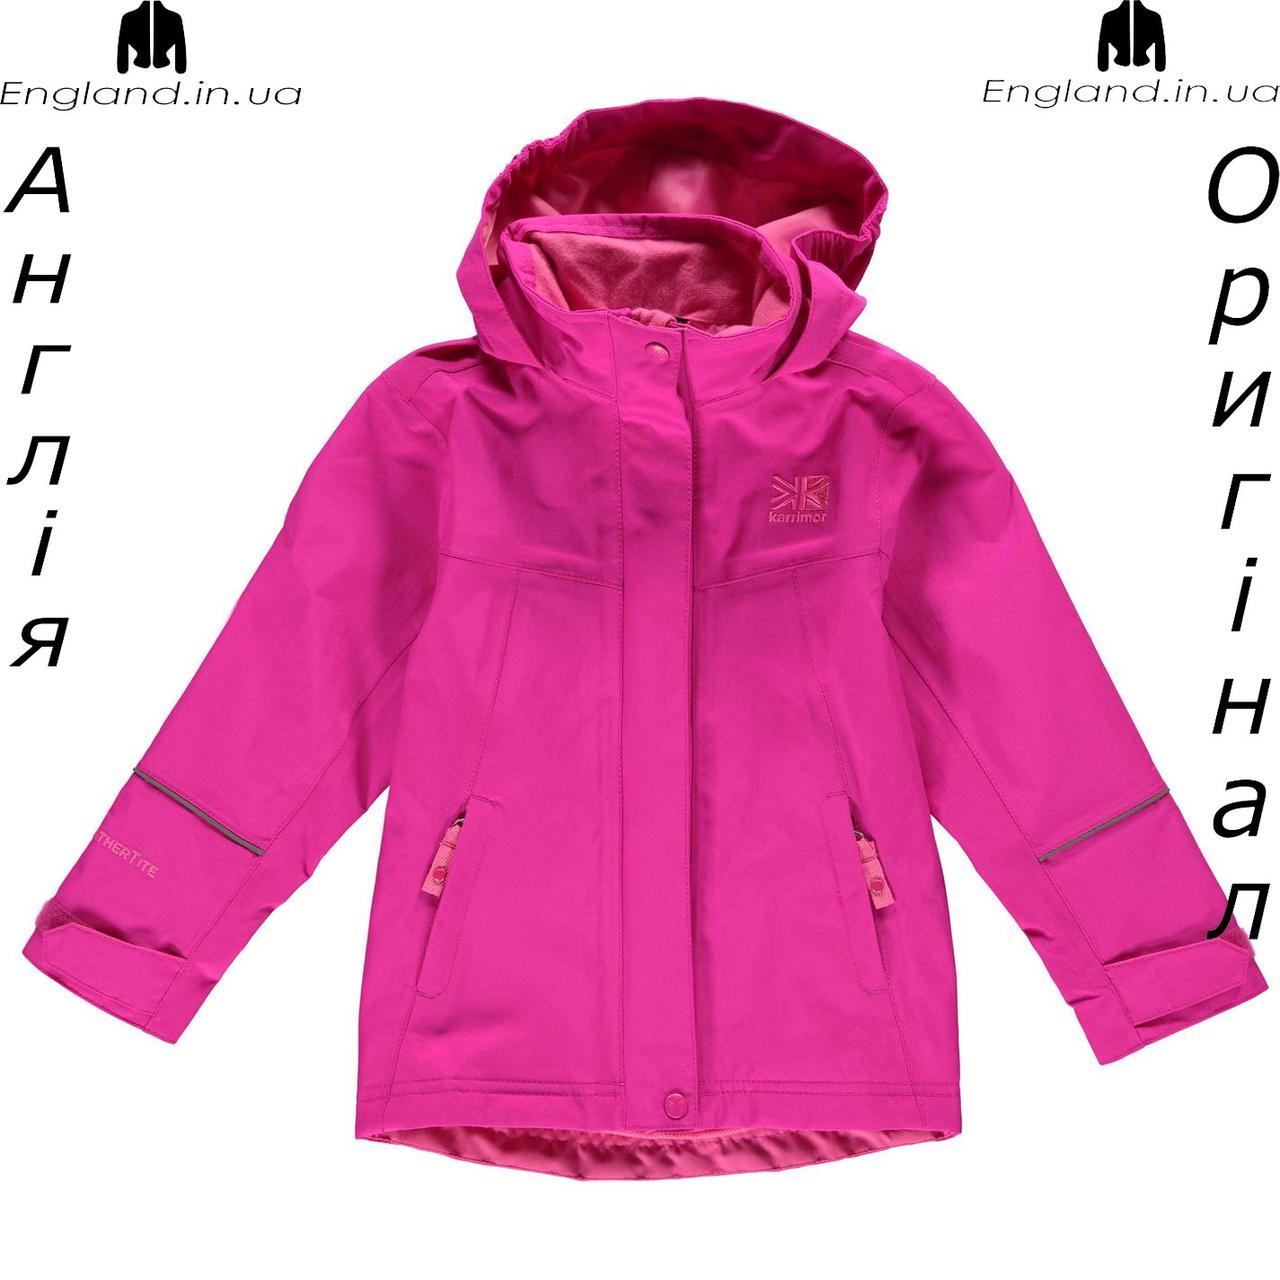 Куртка Karrimor из Англии для мальчиков 2-14 лет - Karrimor WeatherTite розовая